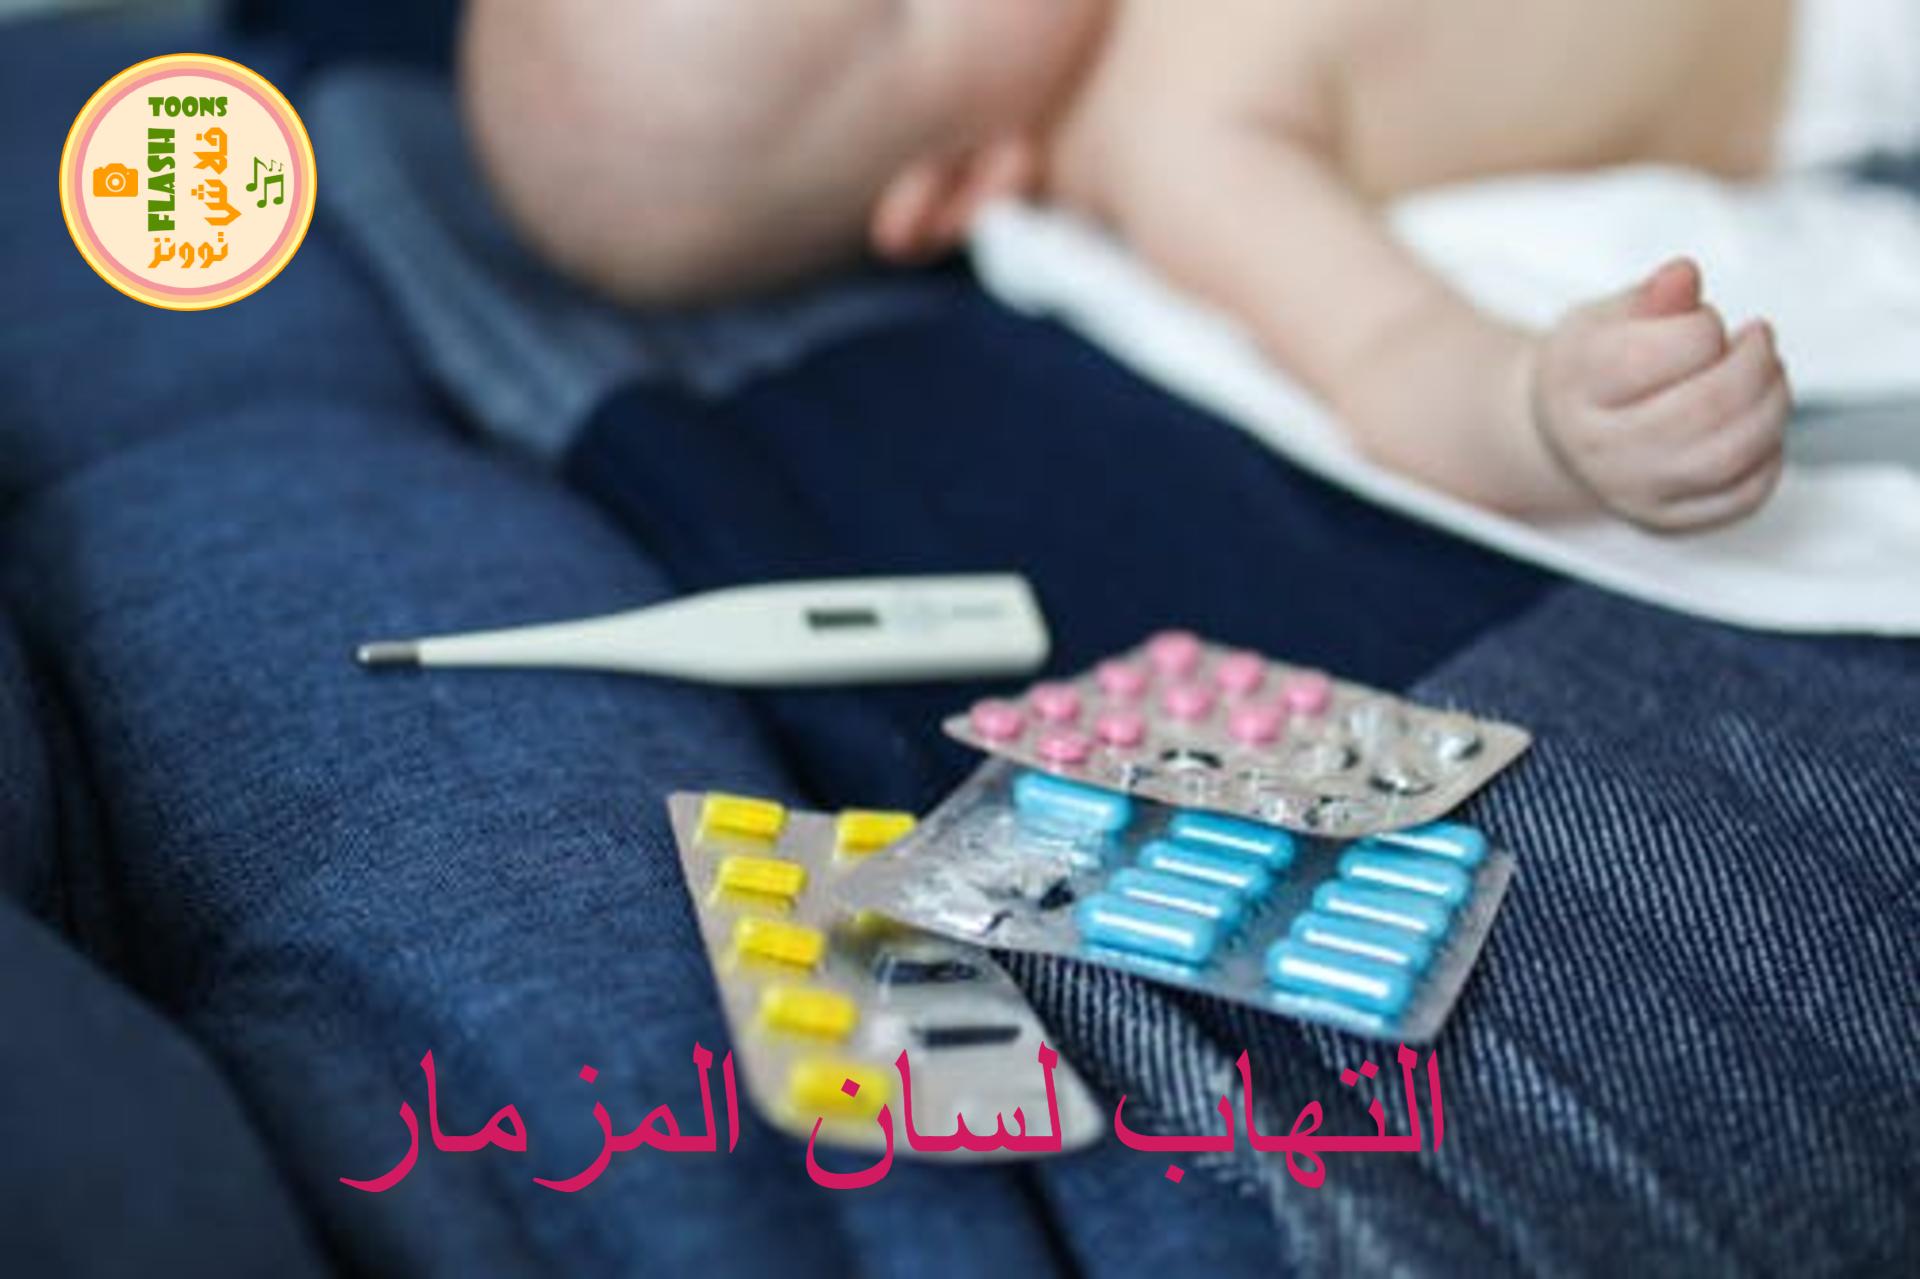 التهاب لسان المزمار